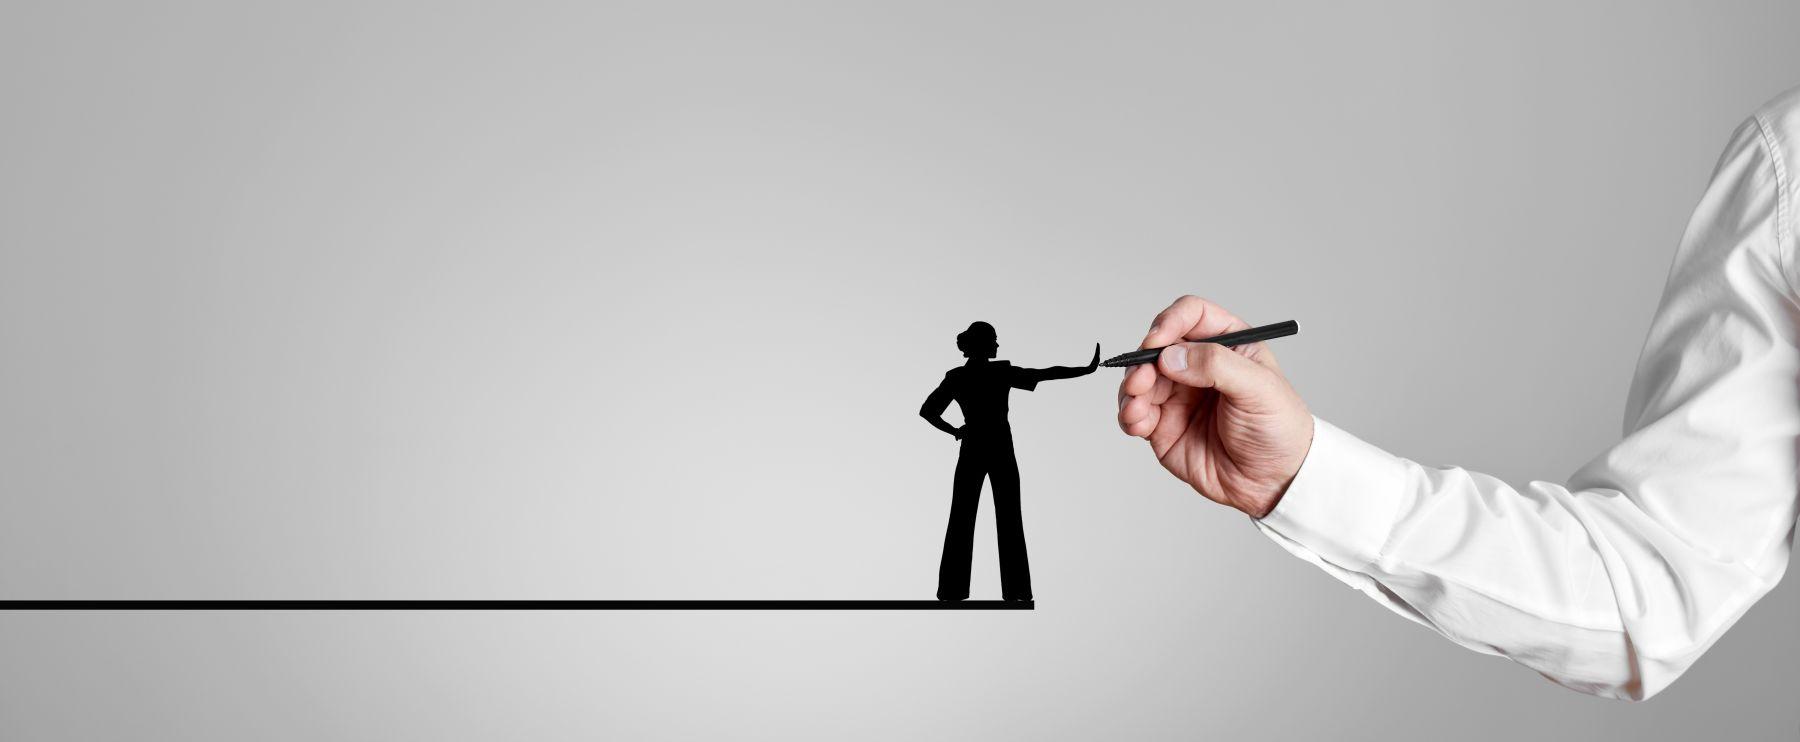 管理職、リーダーのためのハラスメント防止研修